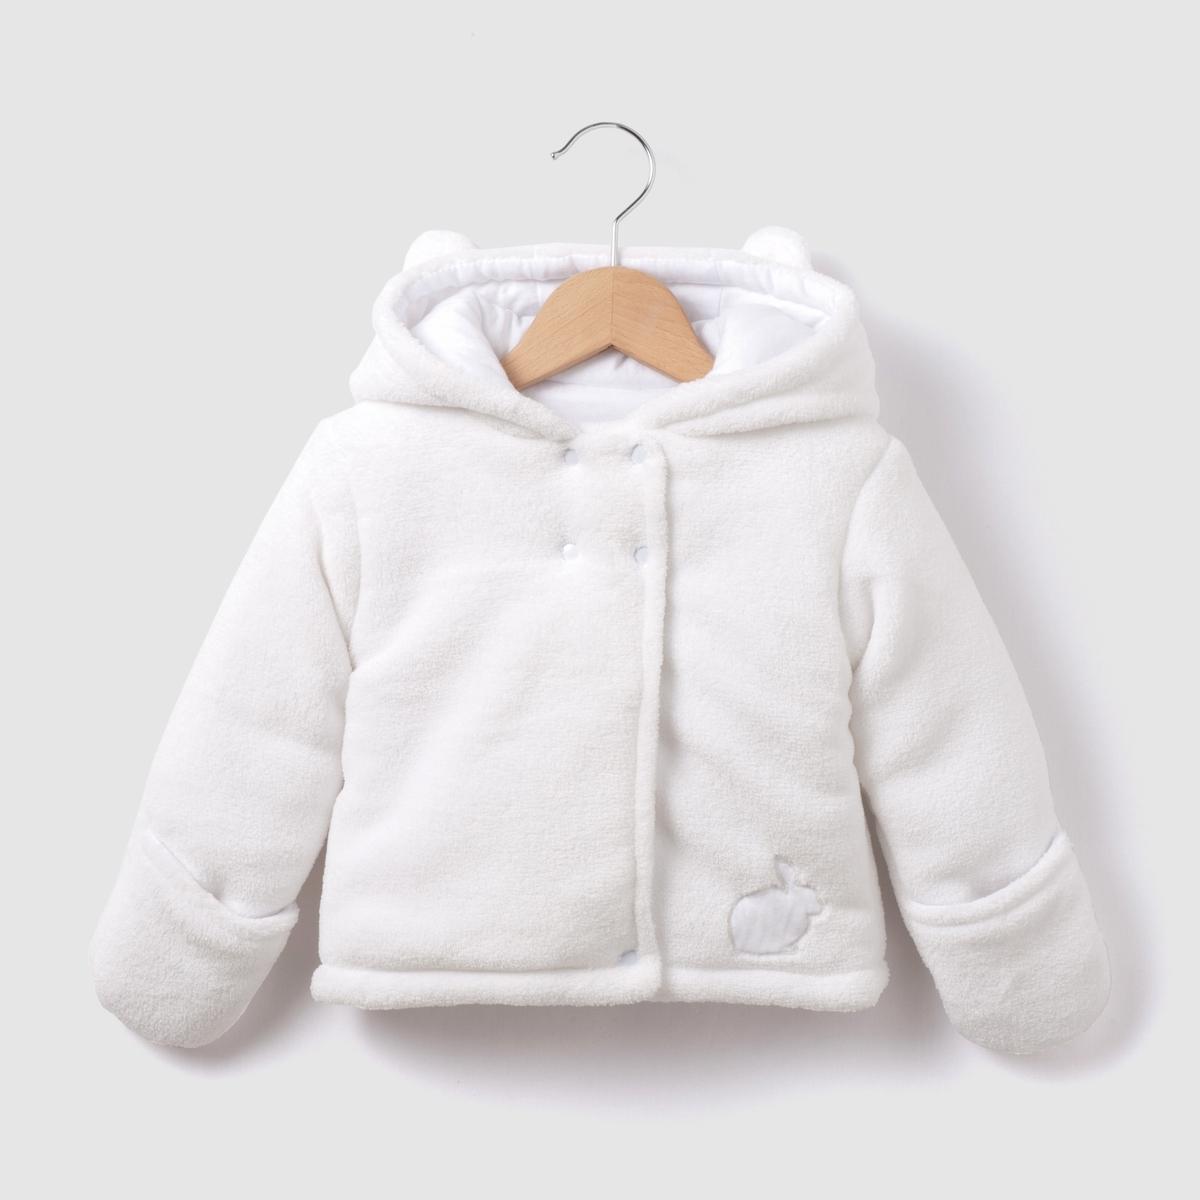 Пальто La Redoute С капюшоном зимняя модель мес - года 1 мес. - 54 см белый комбинезон la redoute с капюшоном утепленный мес 1 мес 54 см синий